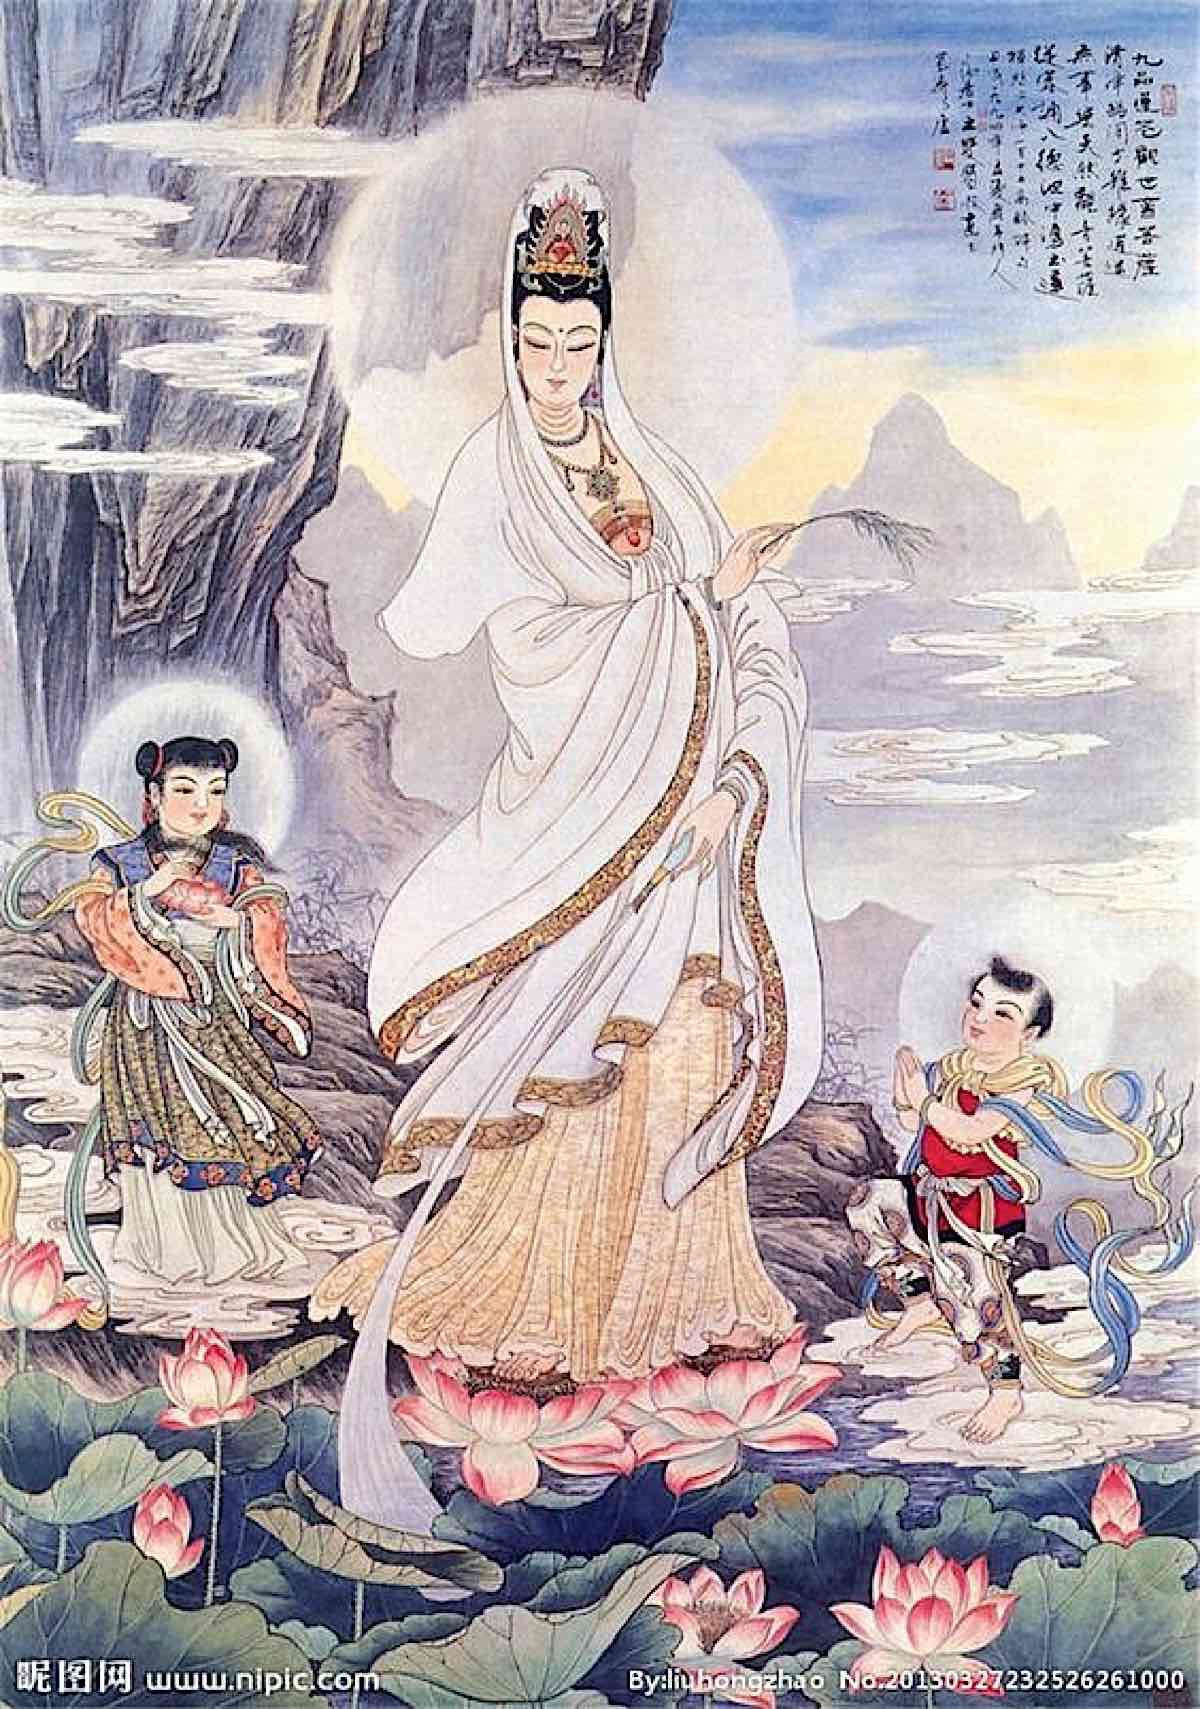 Buddha Weekly Guan shi Yin Buddhism